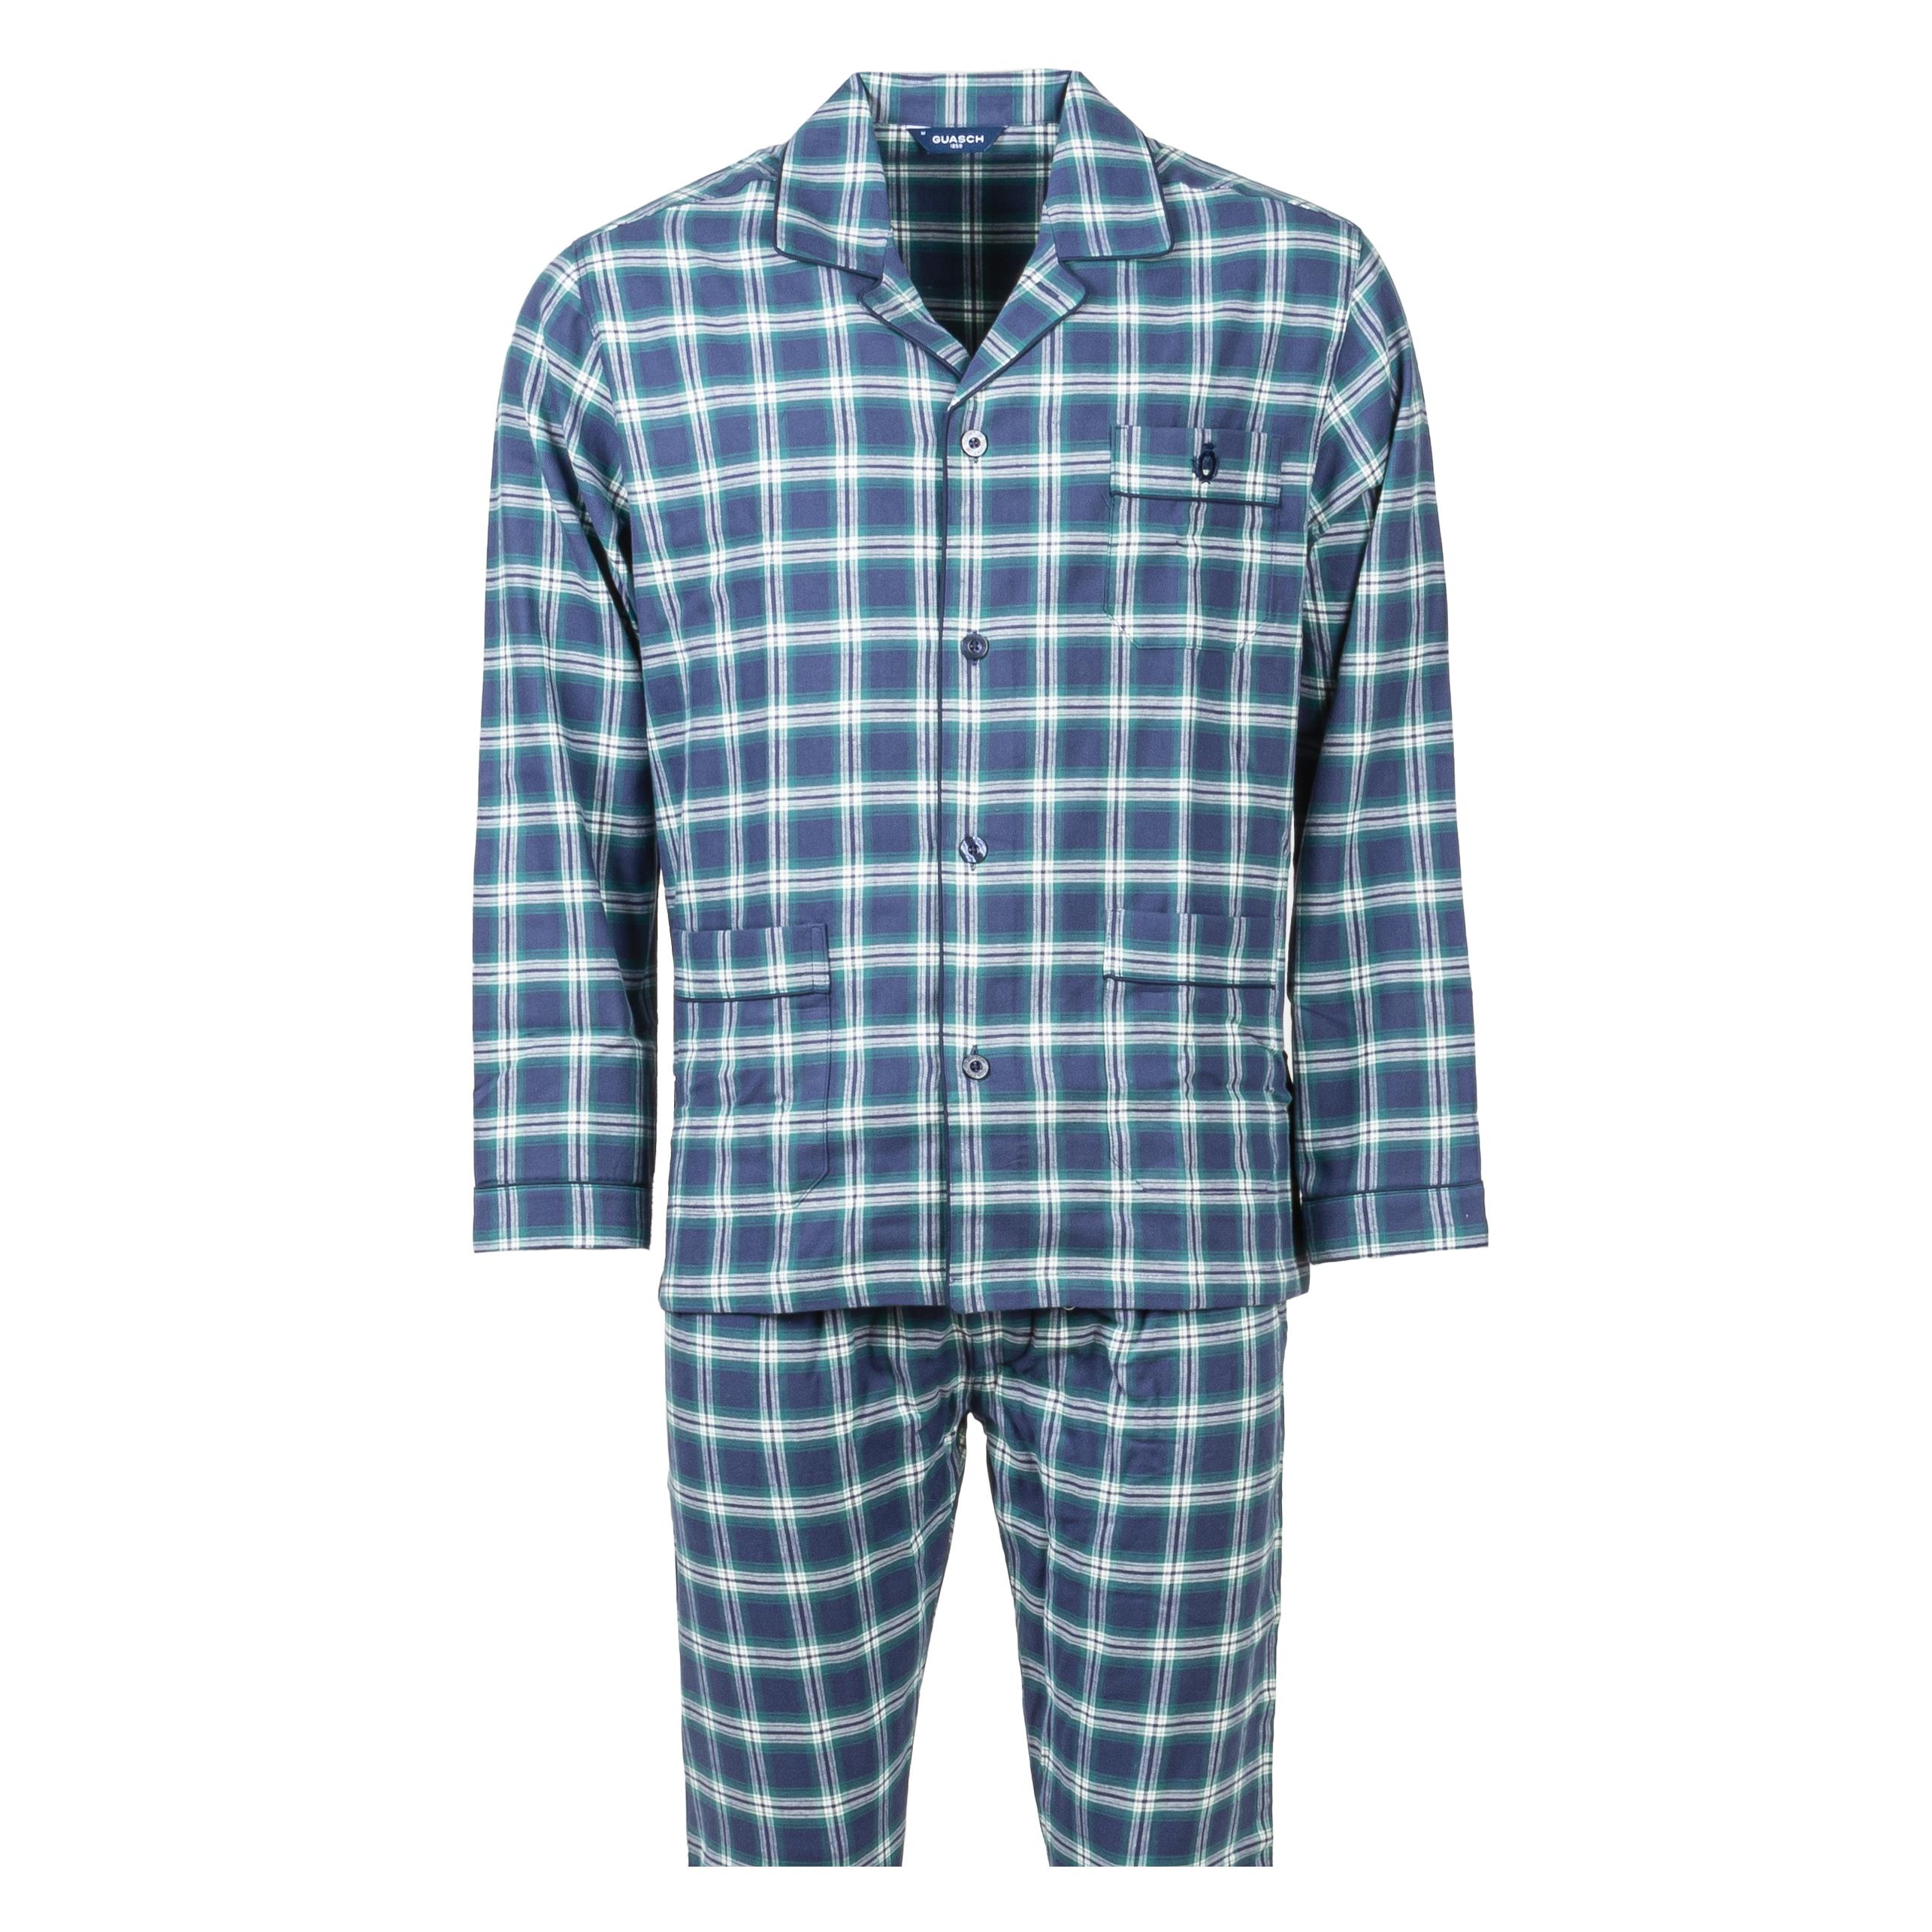 Pyjama long chemise Gasch en coton bleu marine et vert à carreaux